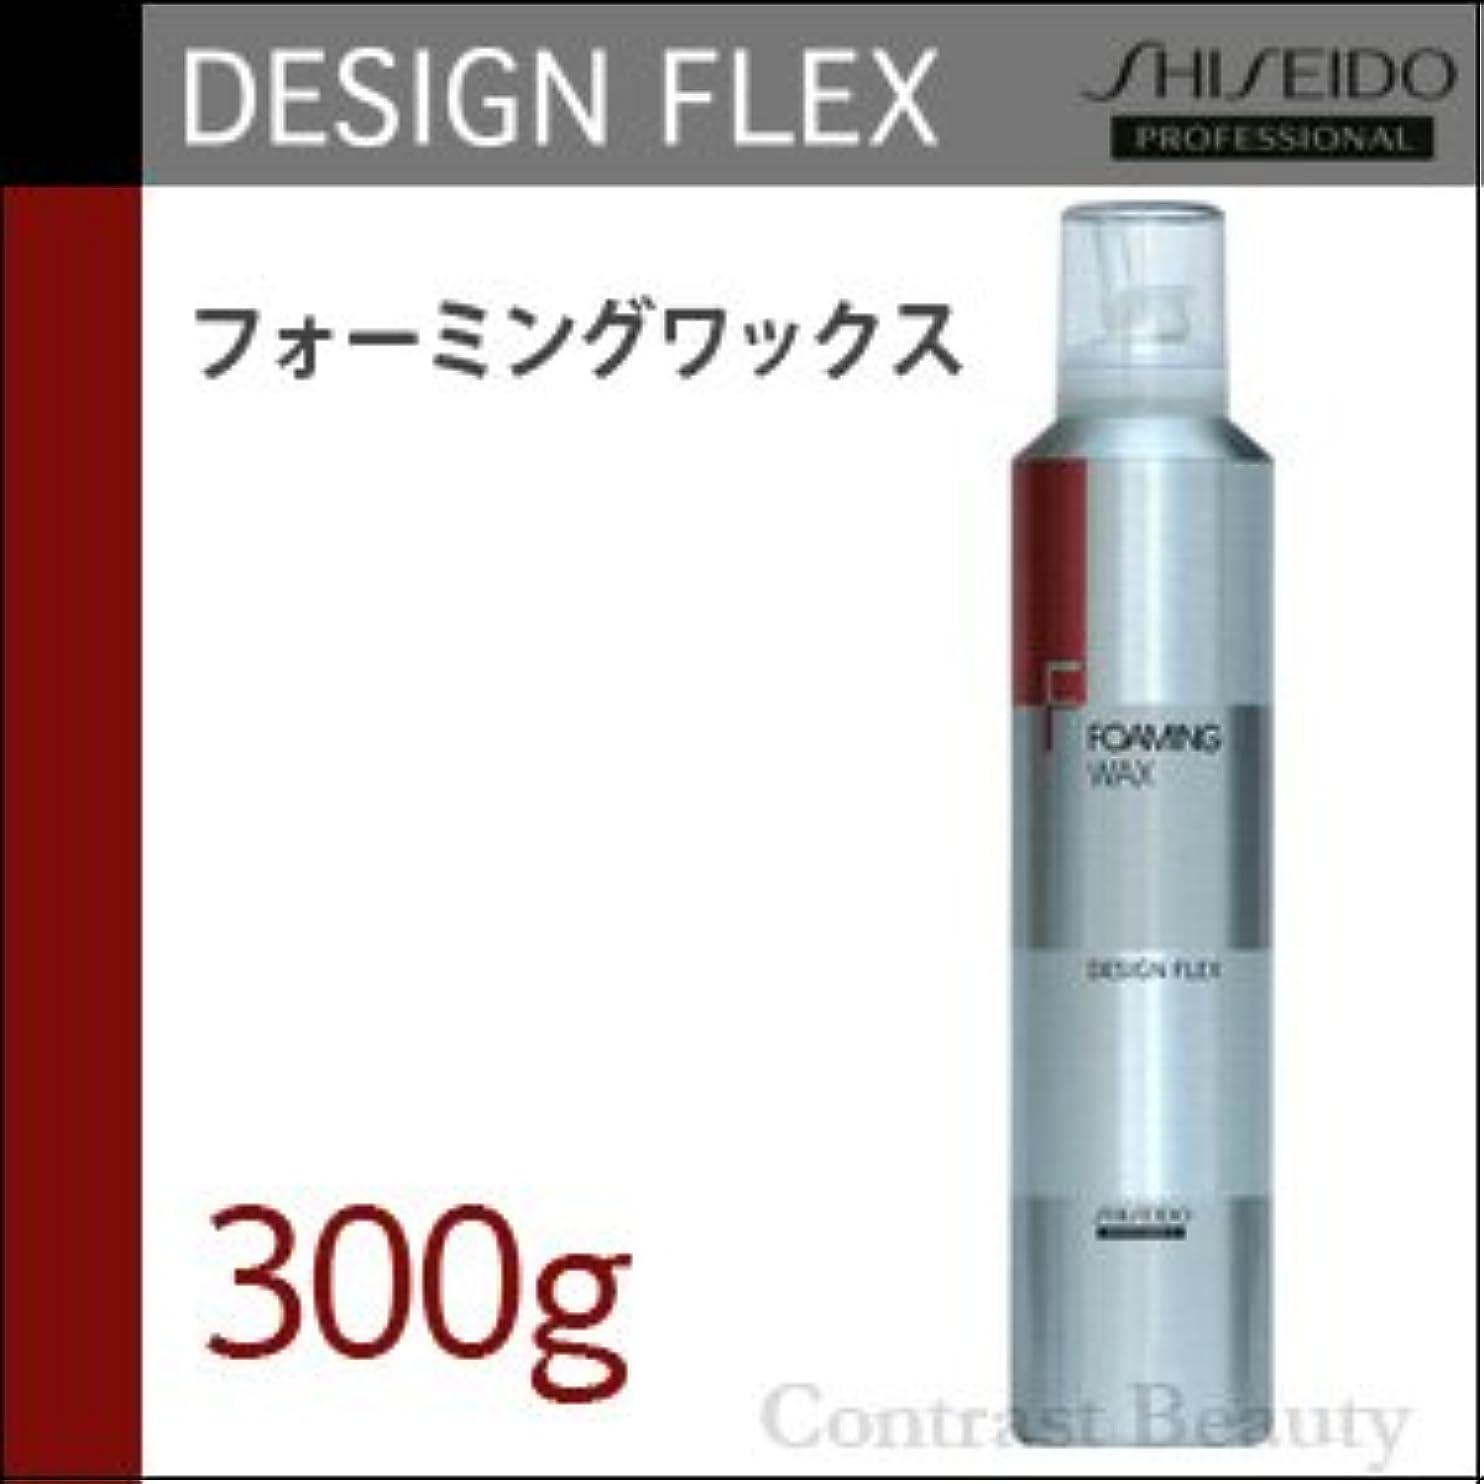 まつげアルバニー選出する【x2個セット】 資生堂 デザインフレックス フォーミングワックス 300g